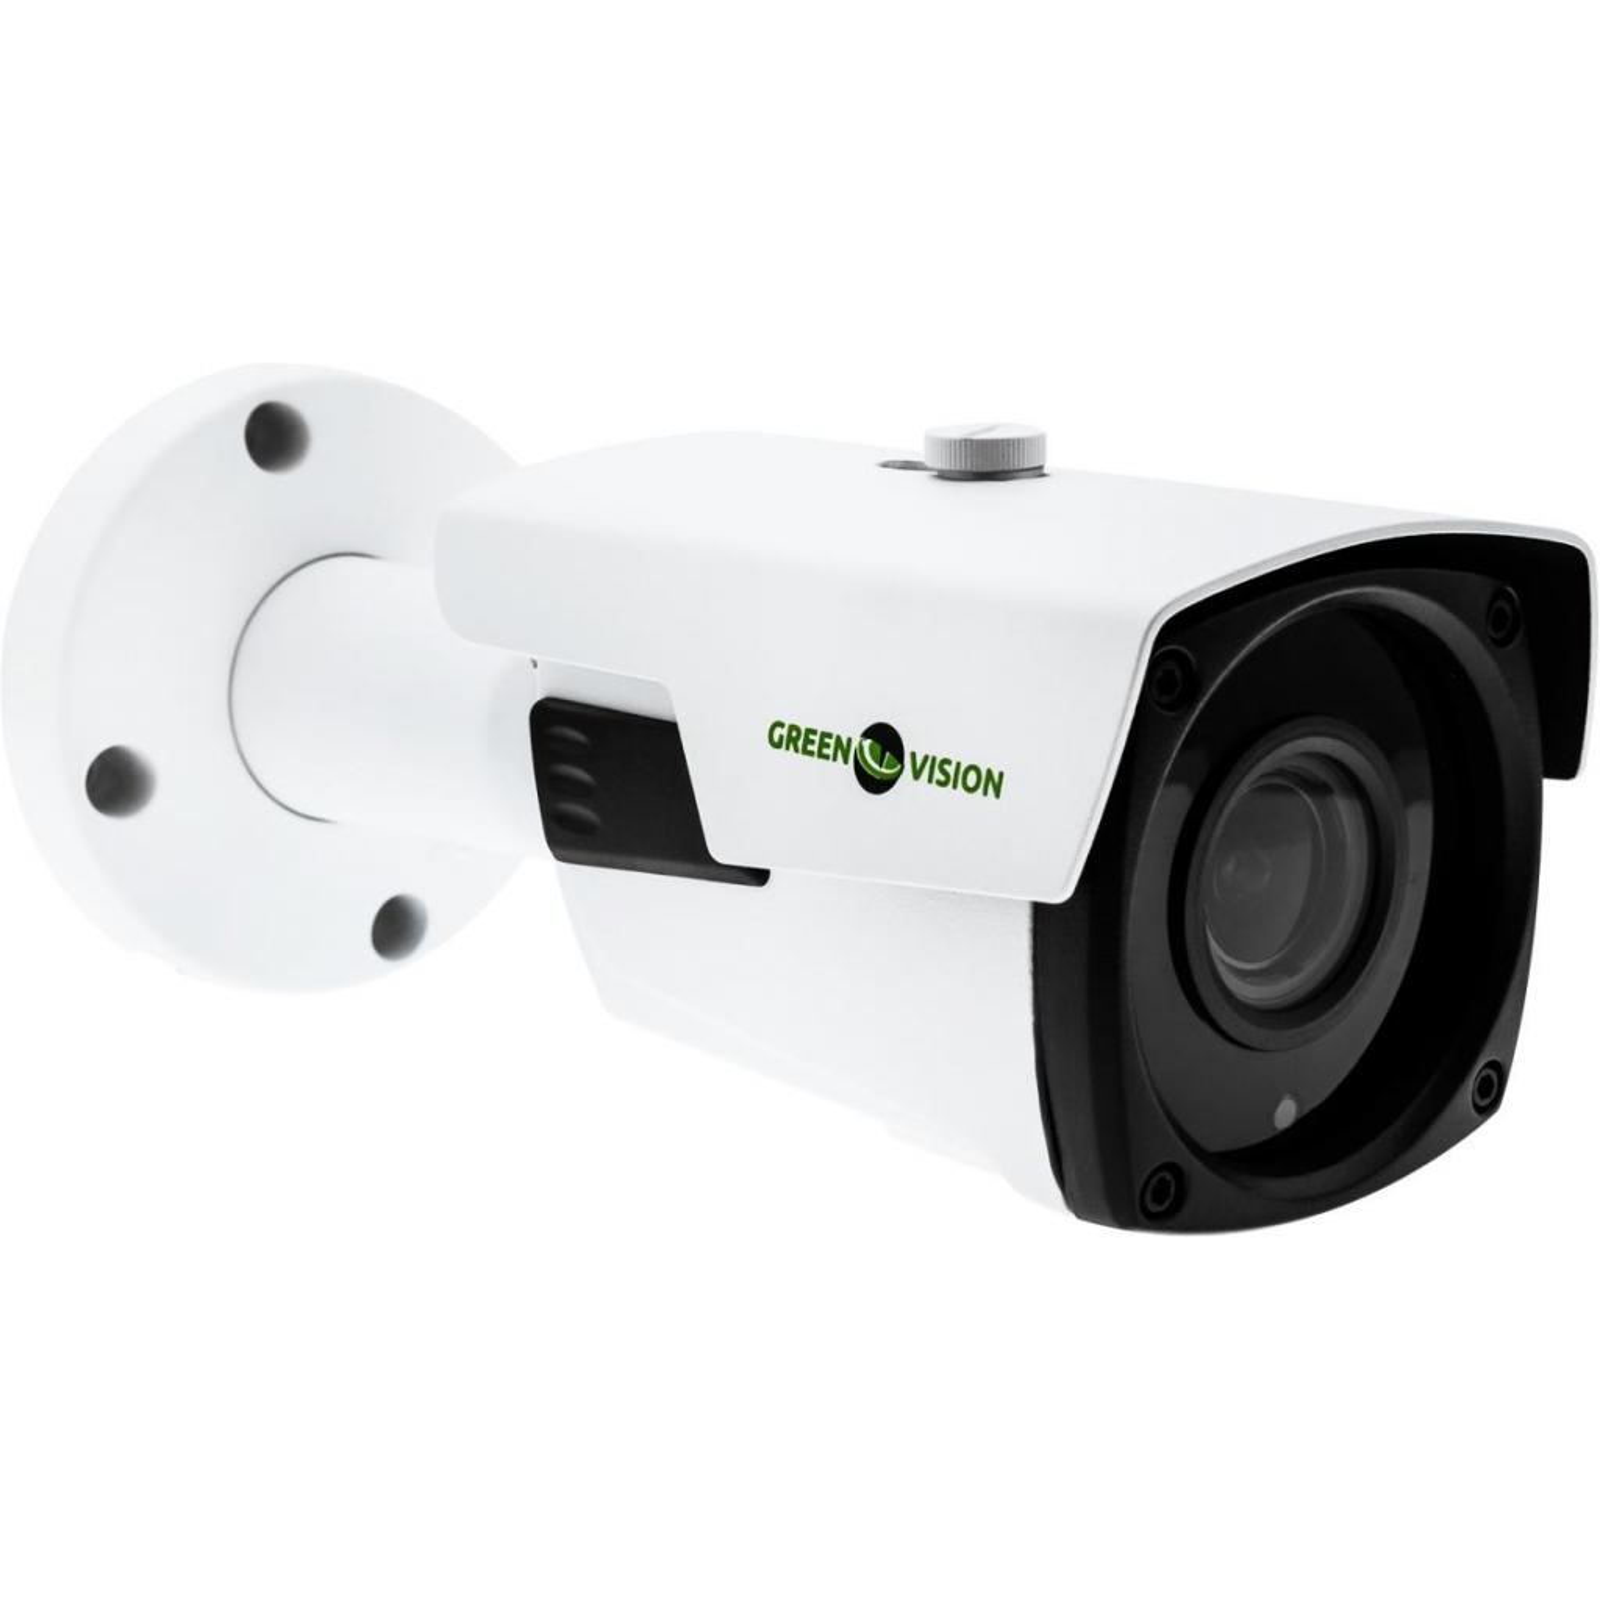 Камера видеонаблюдения Greenvision GV-081-IP-E-COS40VM-40 (6629) изображение 2